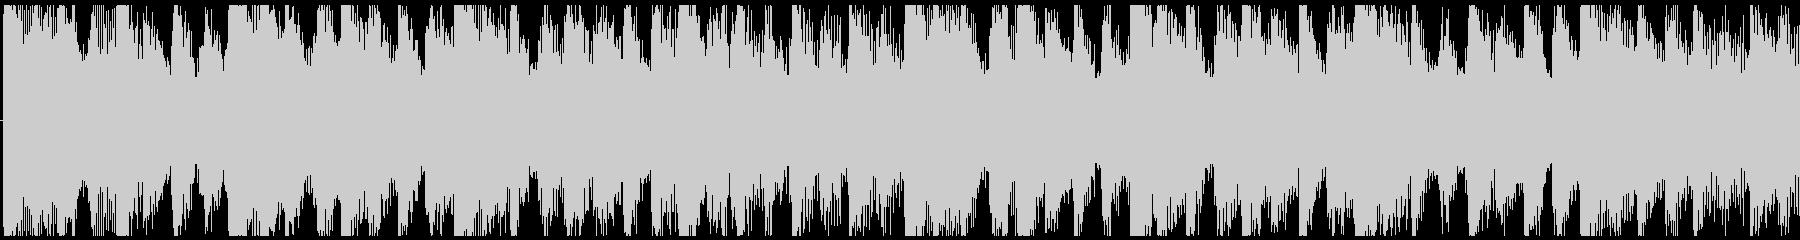 気分が上がるクリスマスBGM-ループ2の未再生の波形